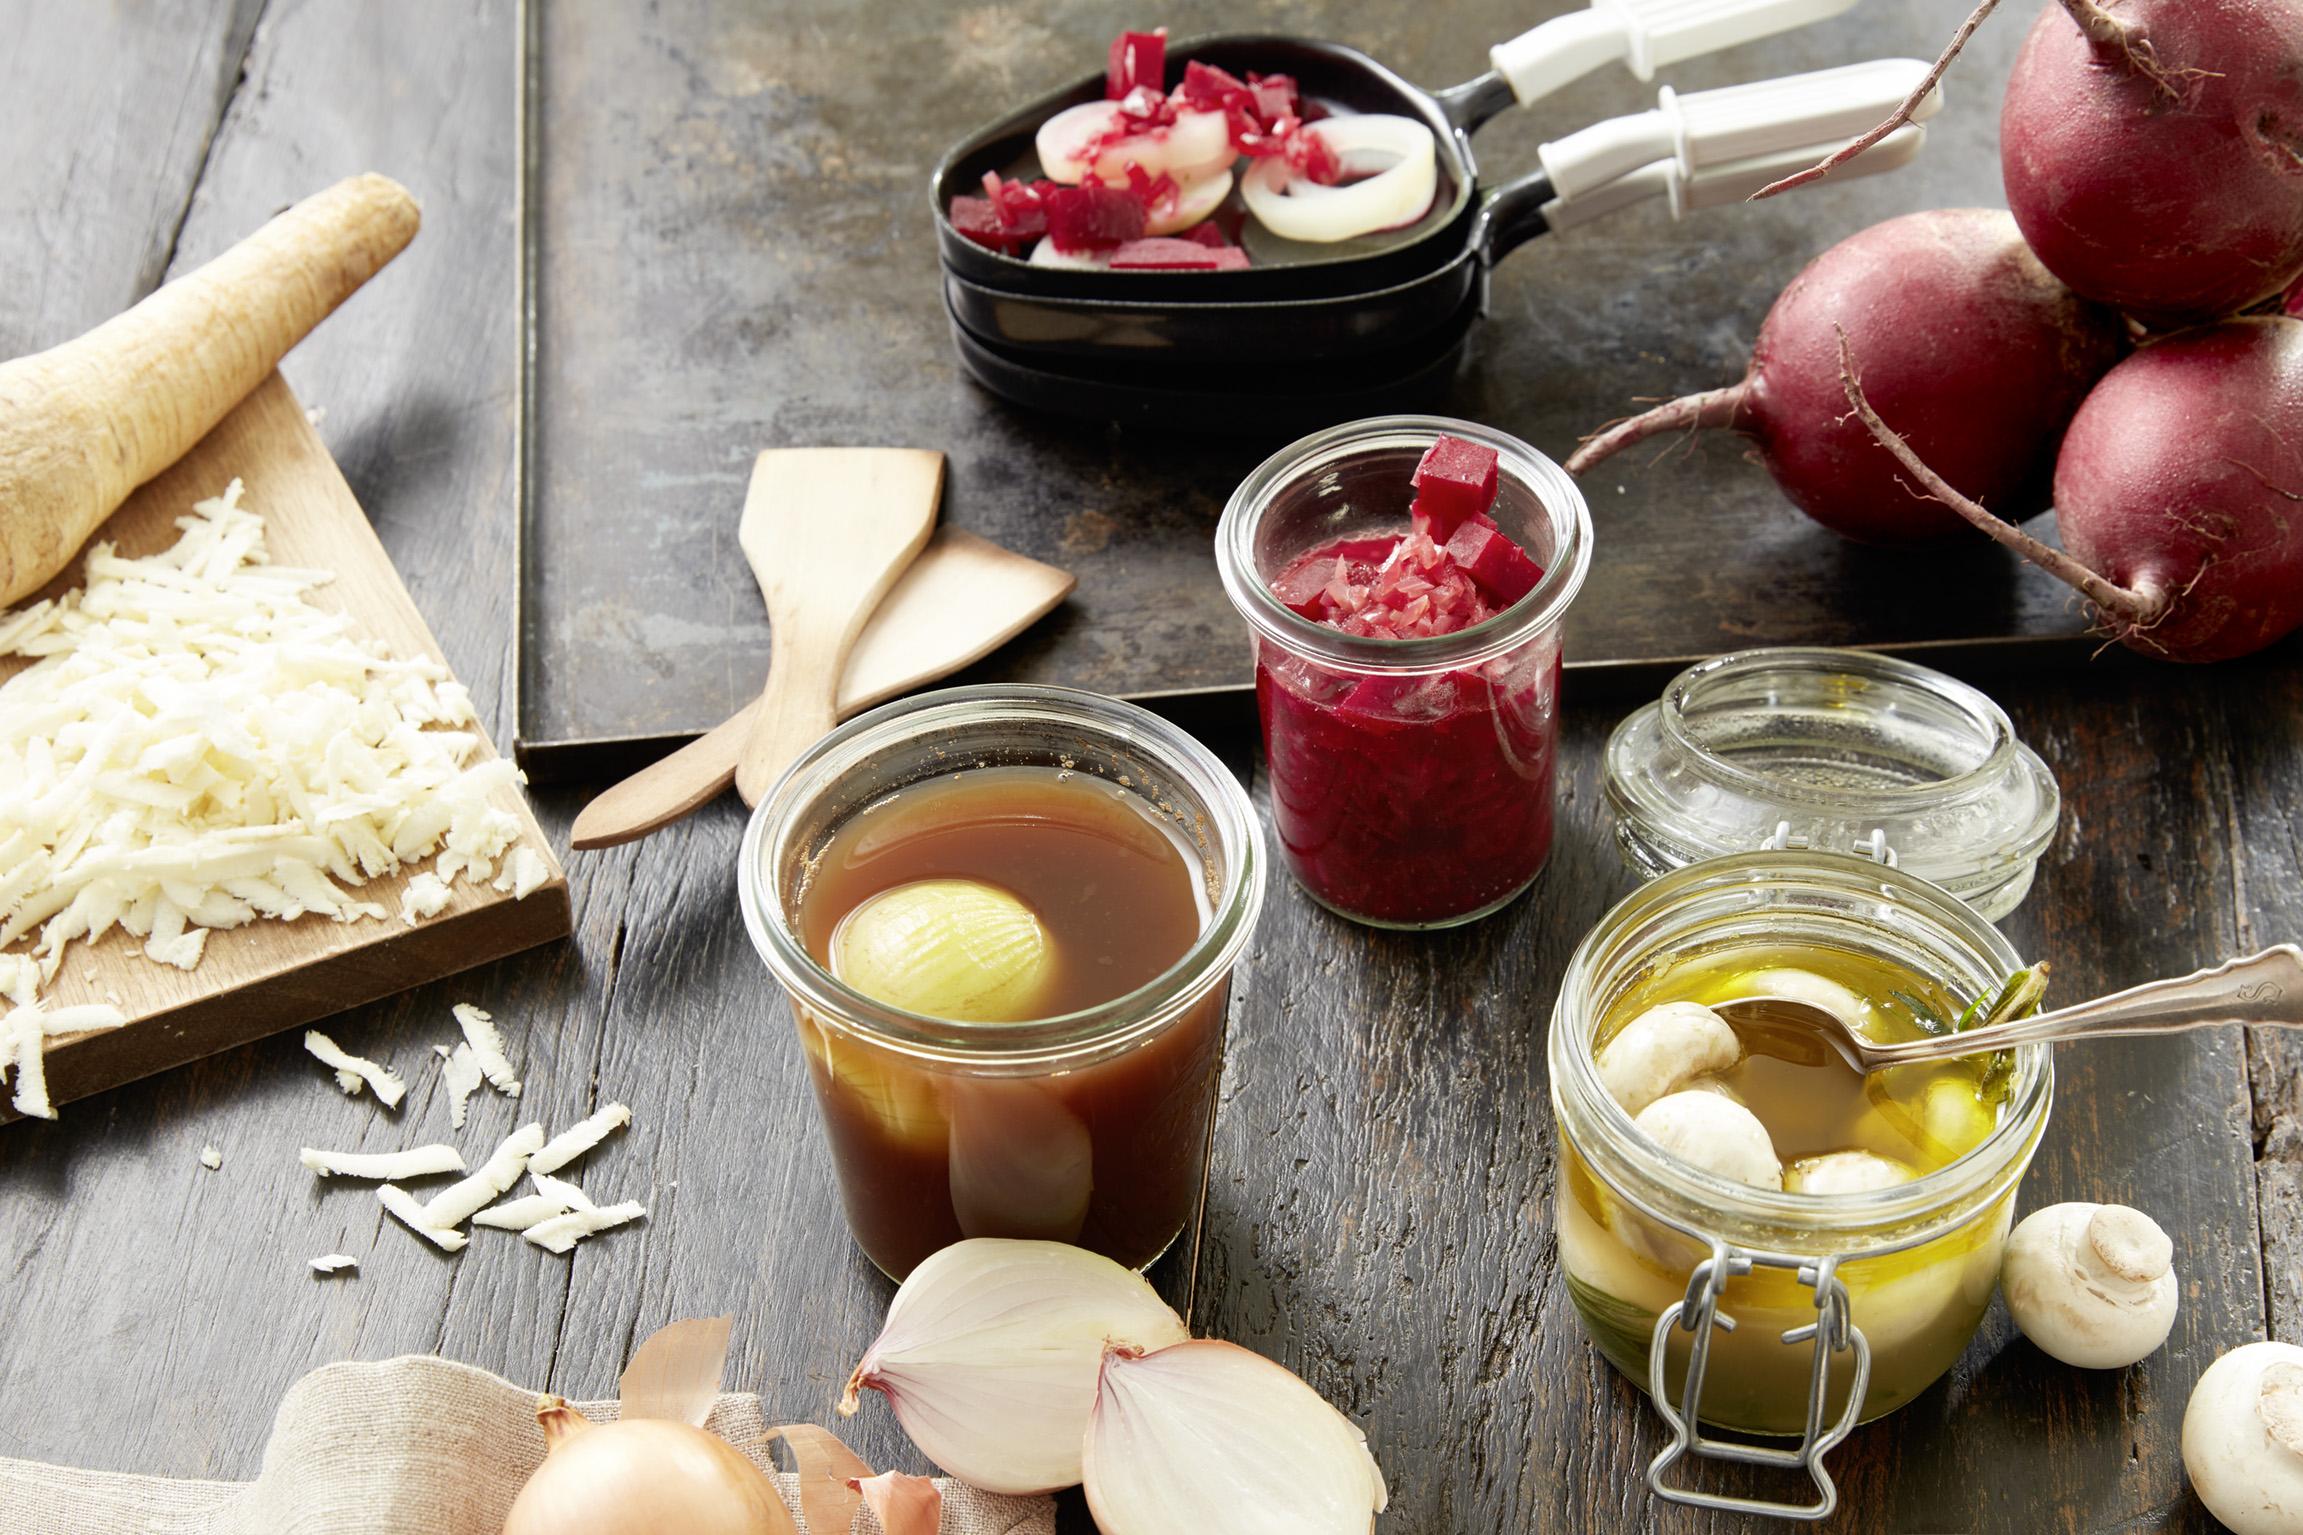 Pfännchen Für Viele 5 Tipps Für Den Perfekten Raclette Abend